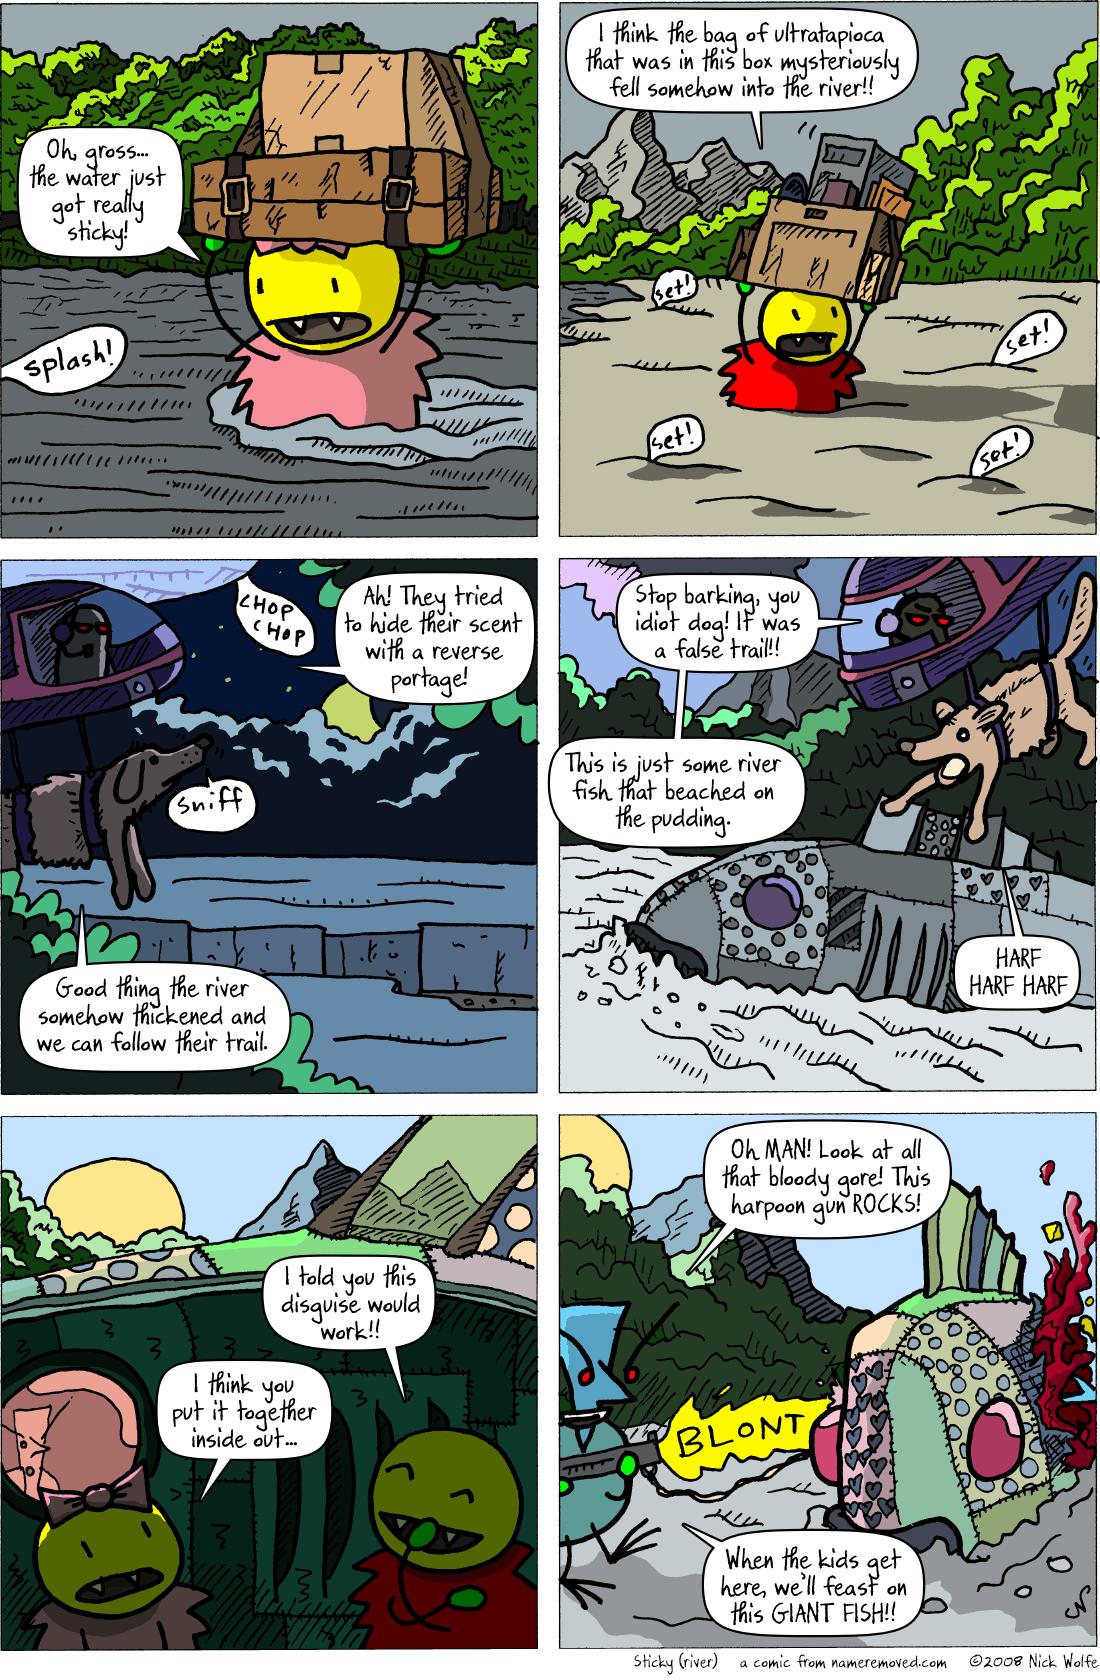 Sticky (river)